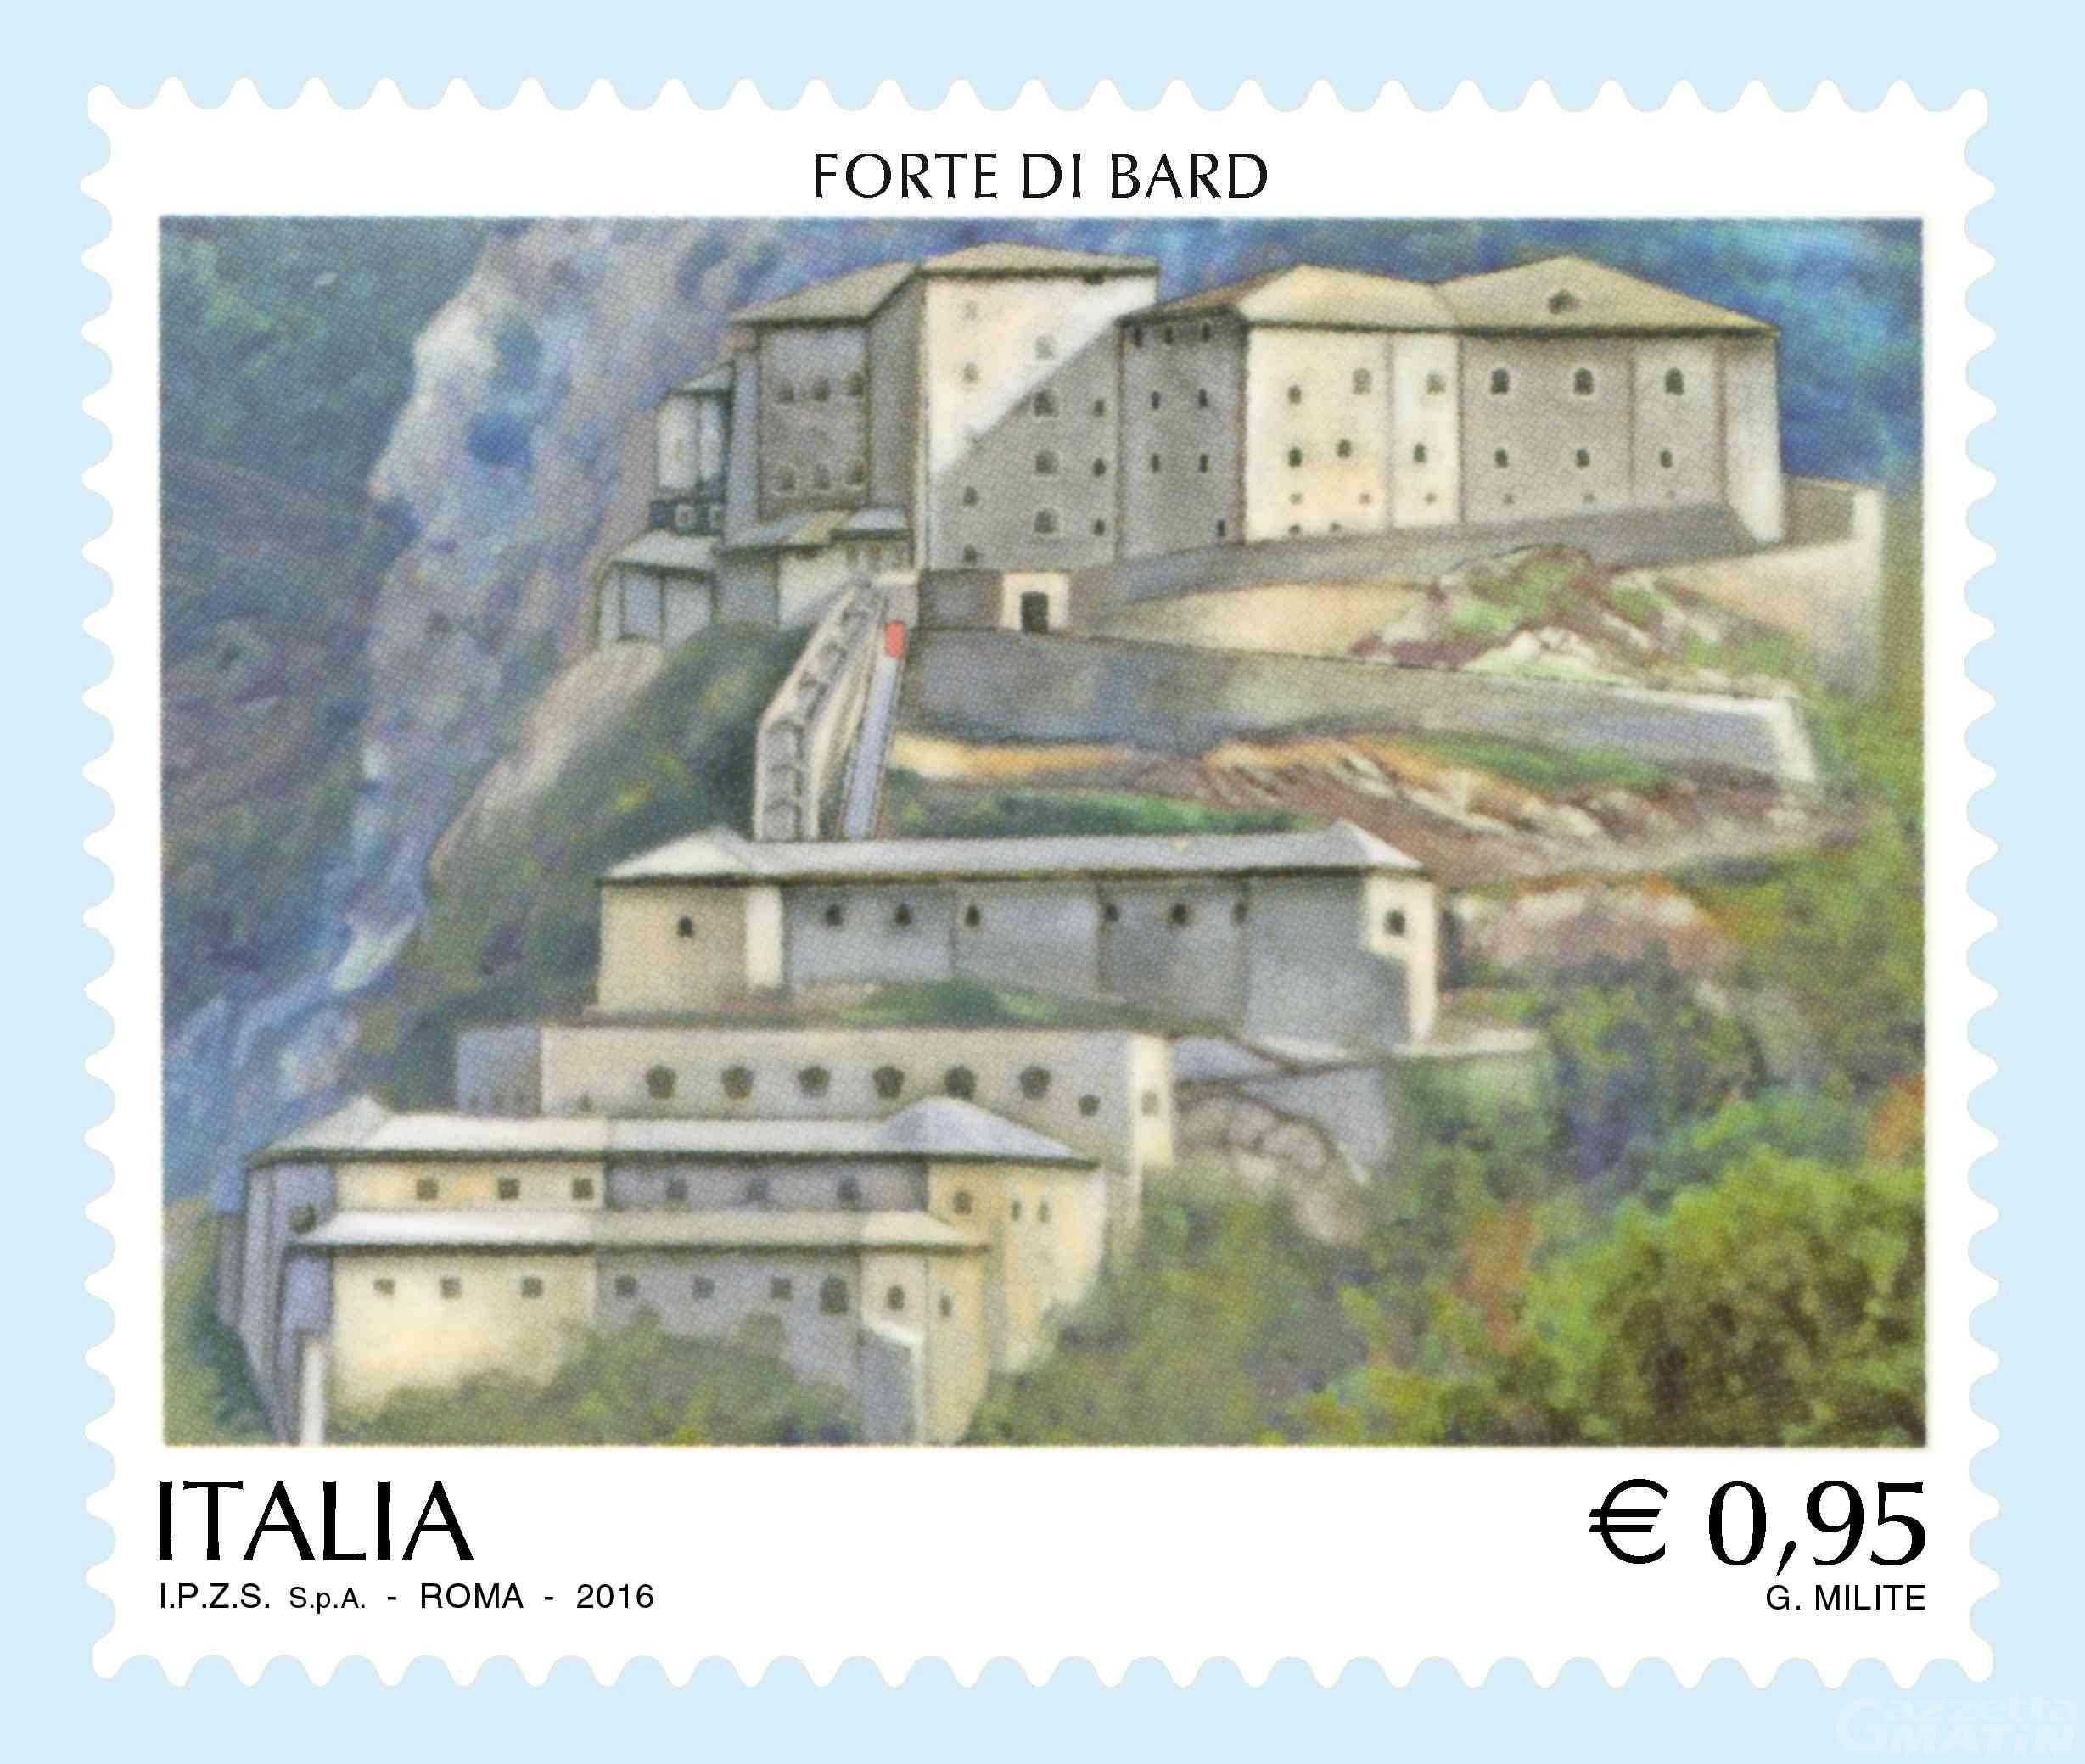 Poste: domani verrà emesso un francobollo sul Forte di Bard